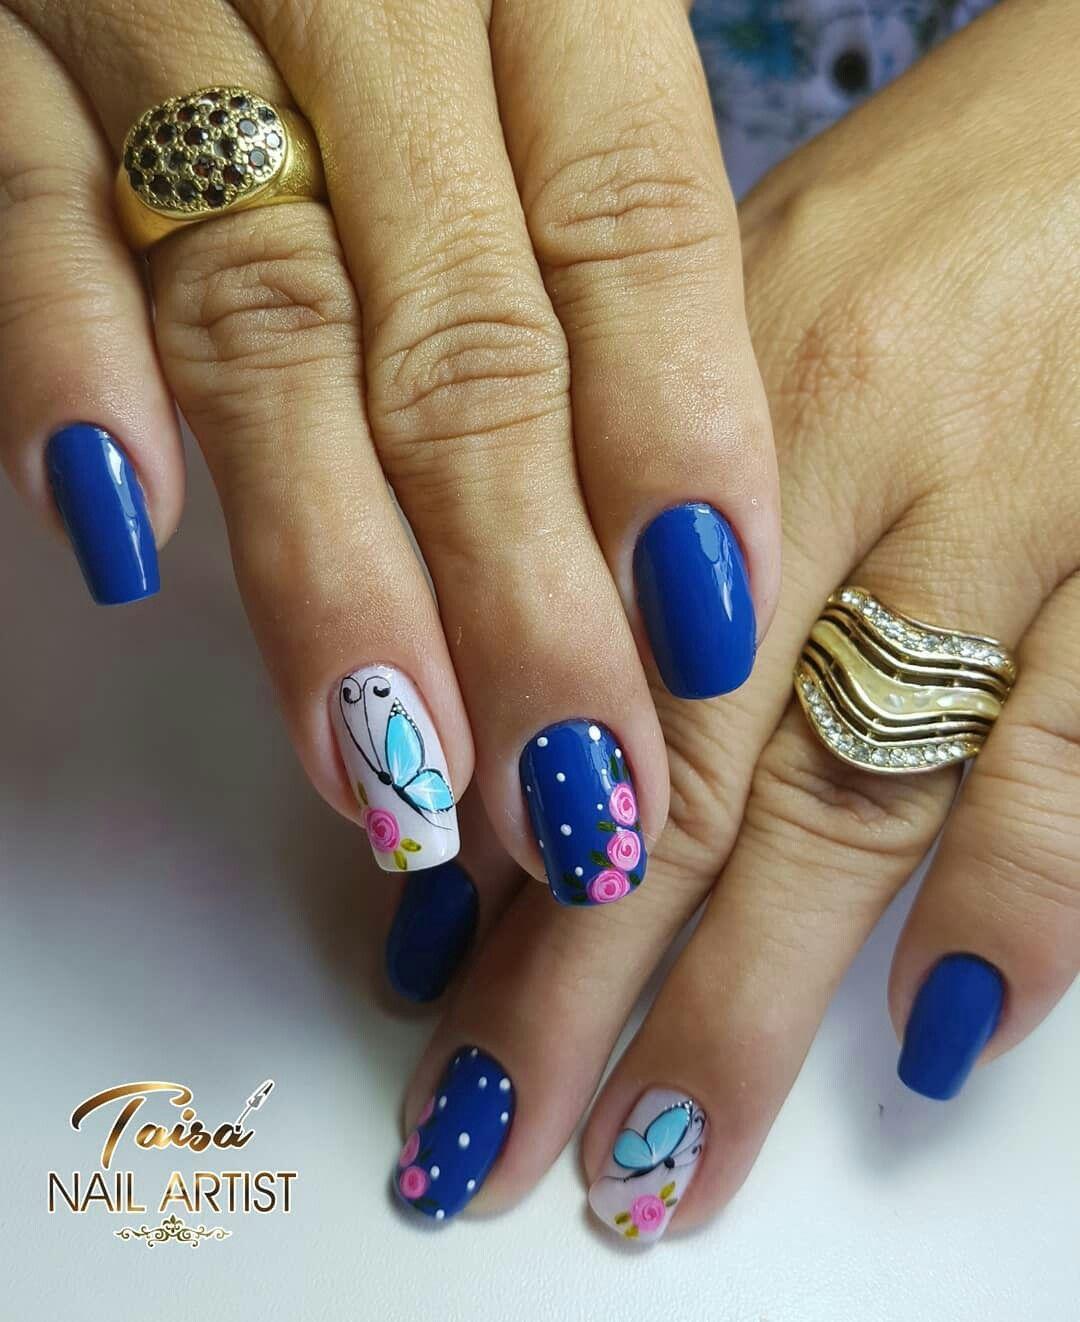 Pin by Raul Salinas on Diseños de uñas | Pinterest | Manicure ...